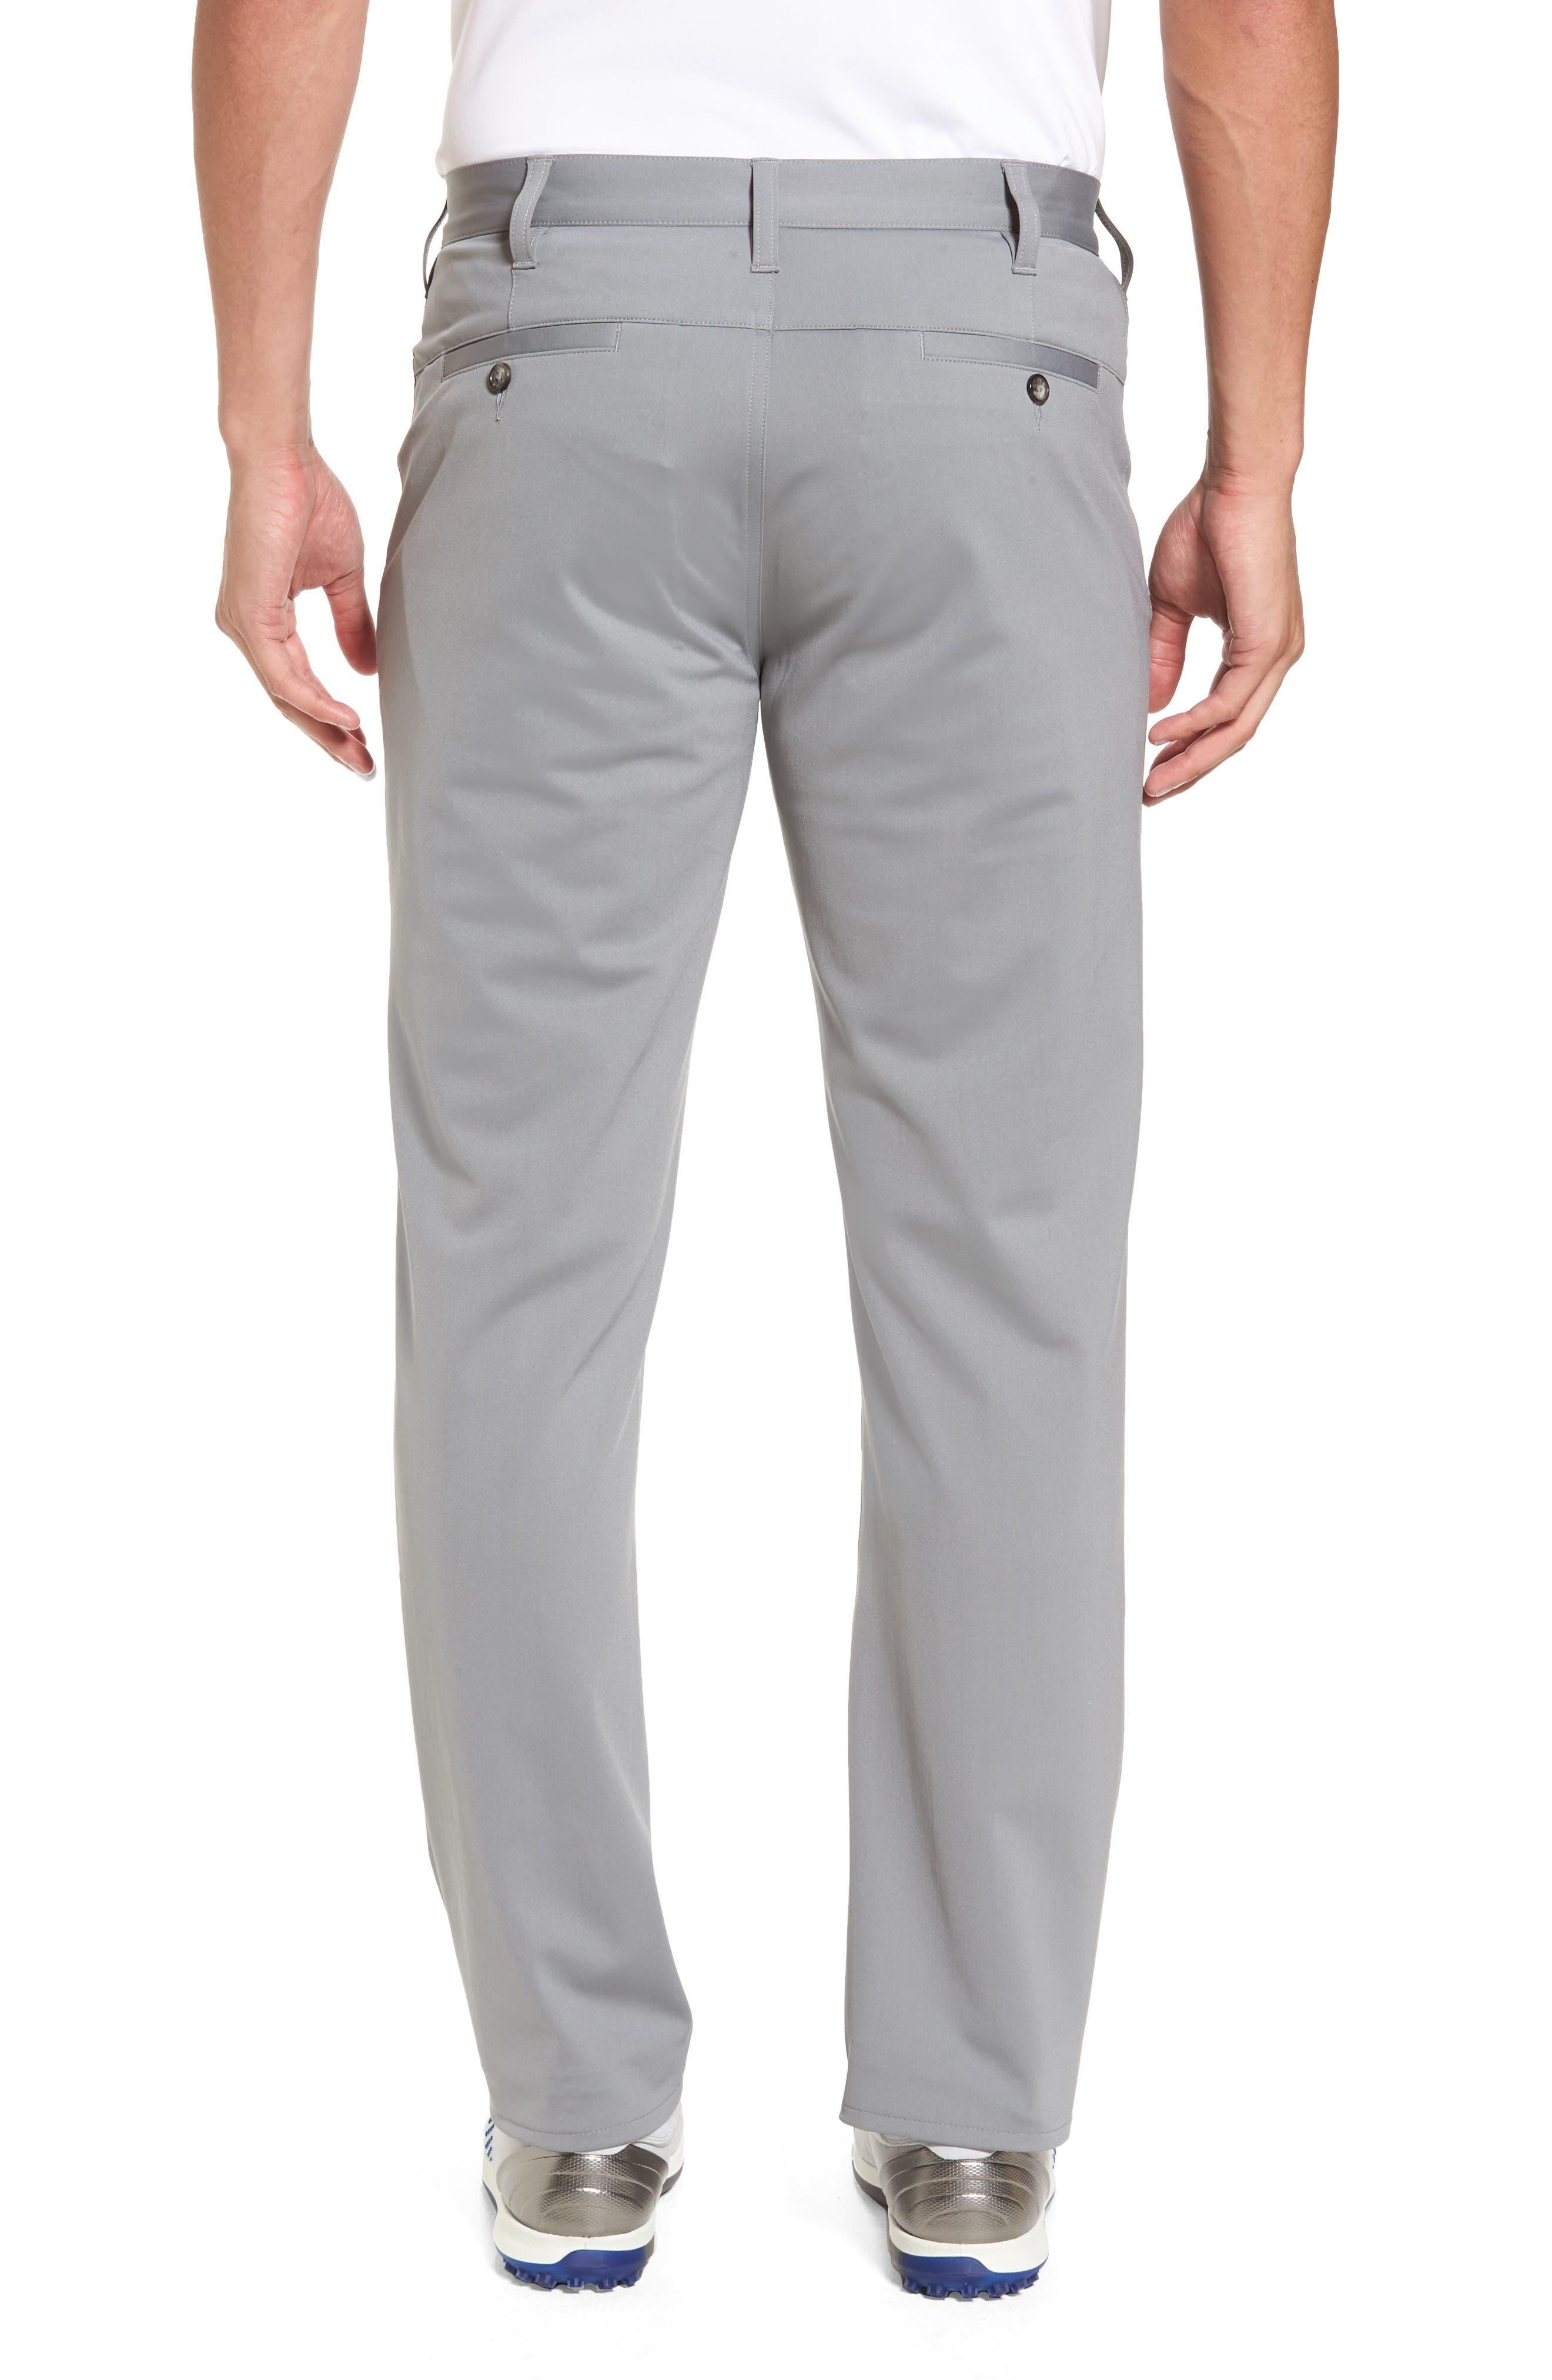 R18 Tech Pants,                             Alternate thumbnail 2, color,                             GRAPHITE